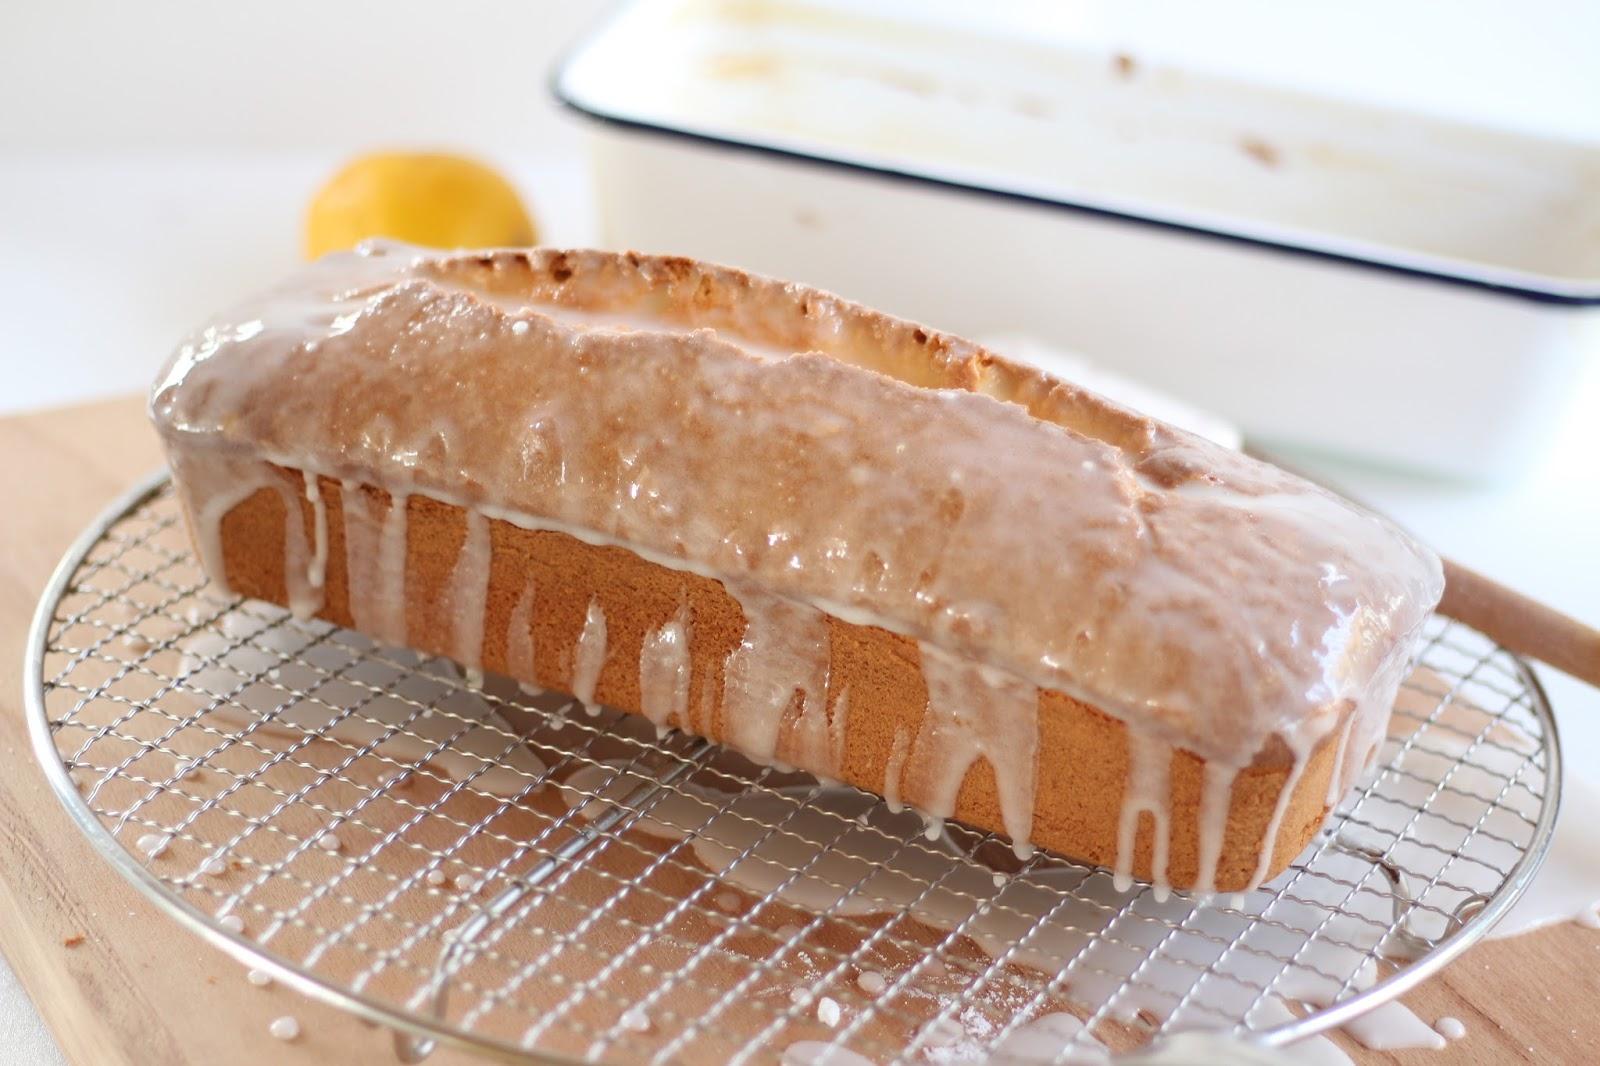 Saftiger Zitronenkuchen - einfaches, schnelles Rezept mit Video